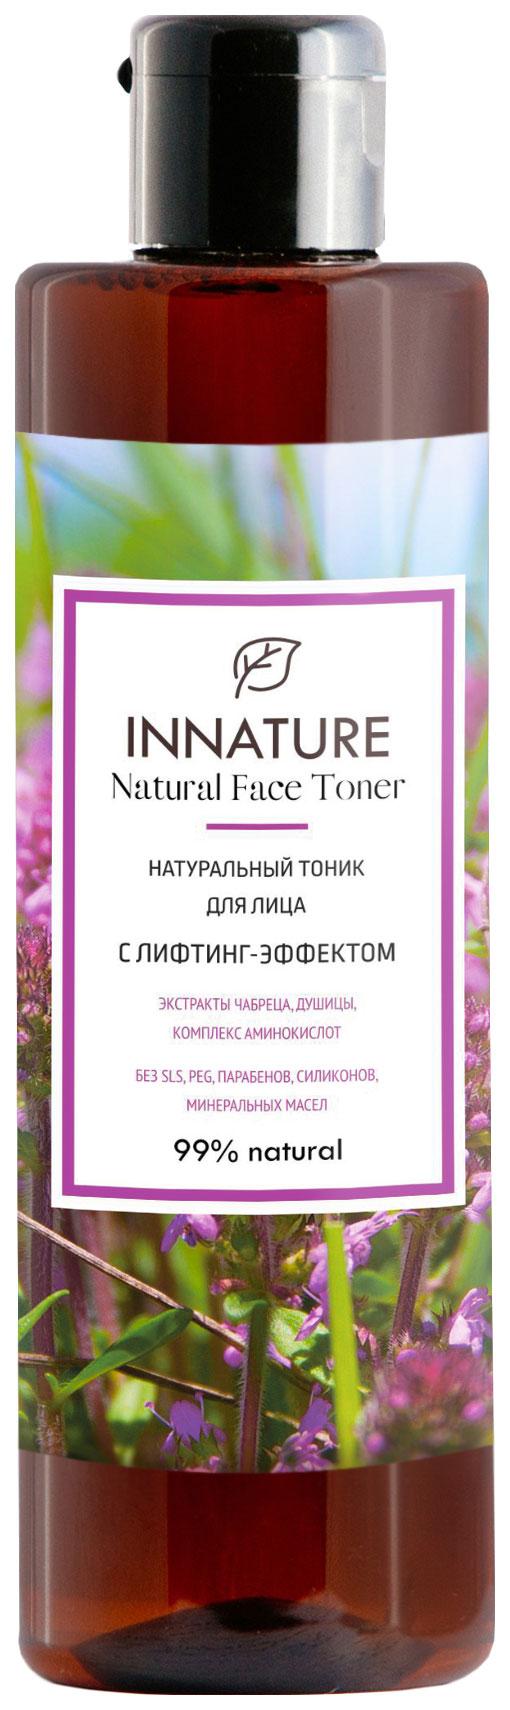 Тоник для лица iNNature С лифтинг-эффектом 250 мл